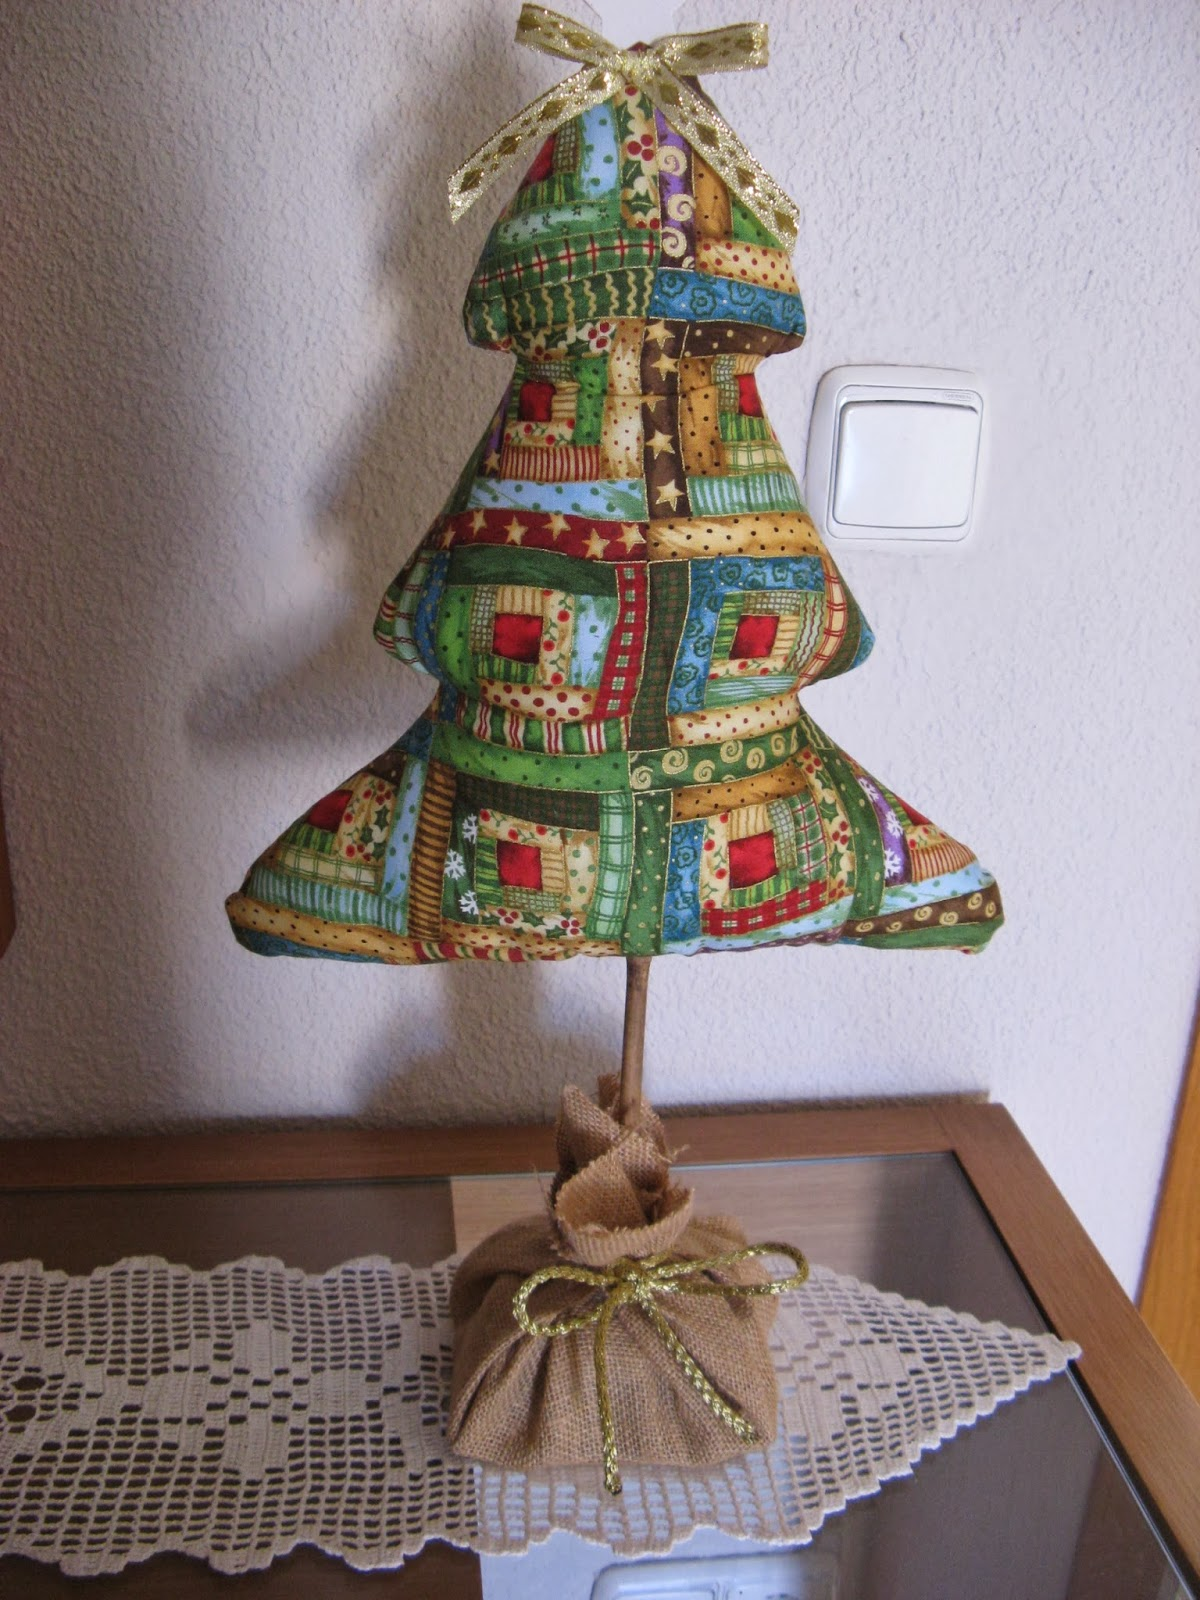 Retall a retall paper a paper preparant el nadal - Adornos de nadal ...